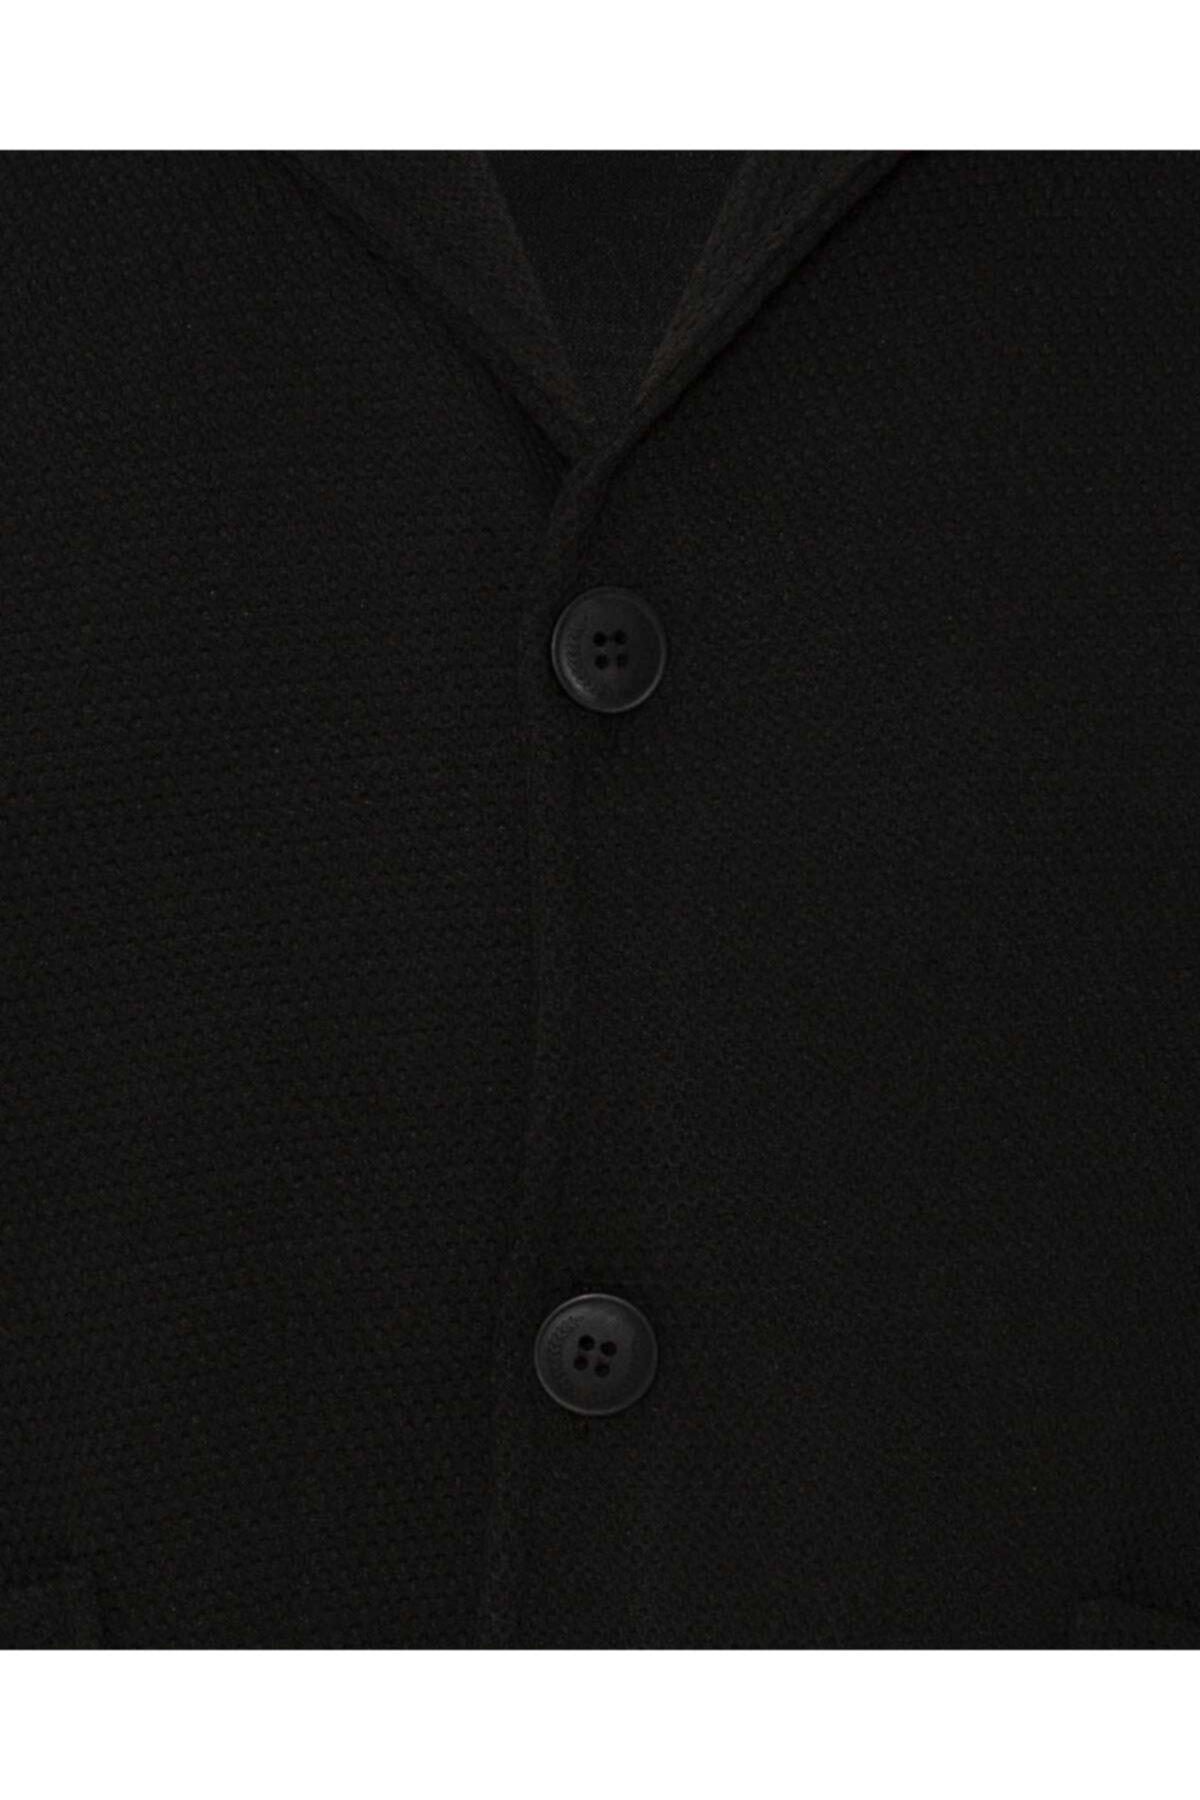 SÜVARİ Erkek Siyah Düğmeli Takma Cep Hırka 2